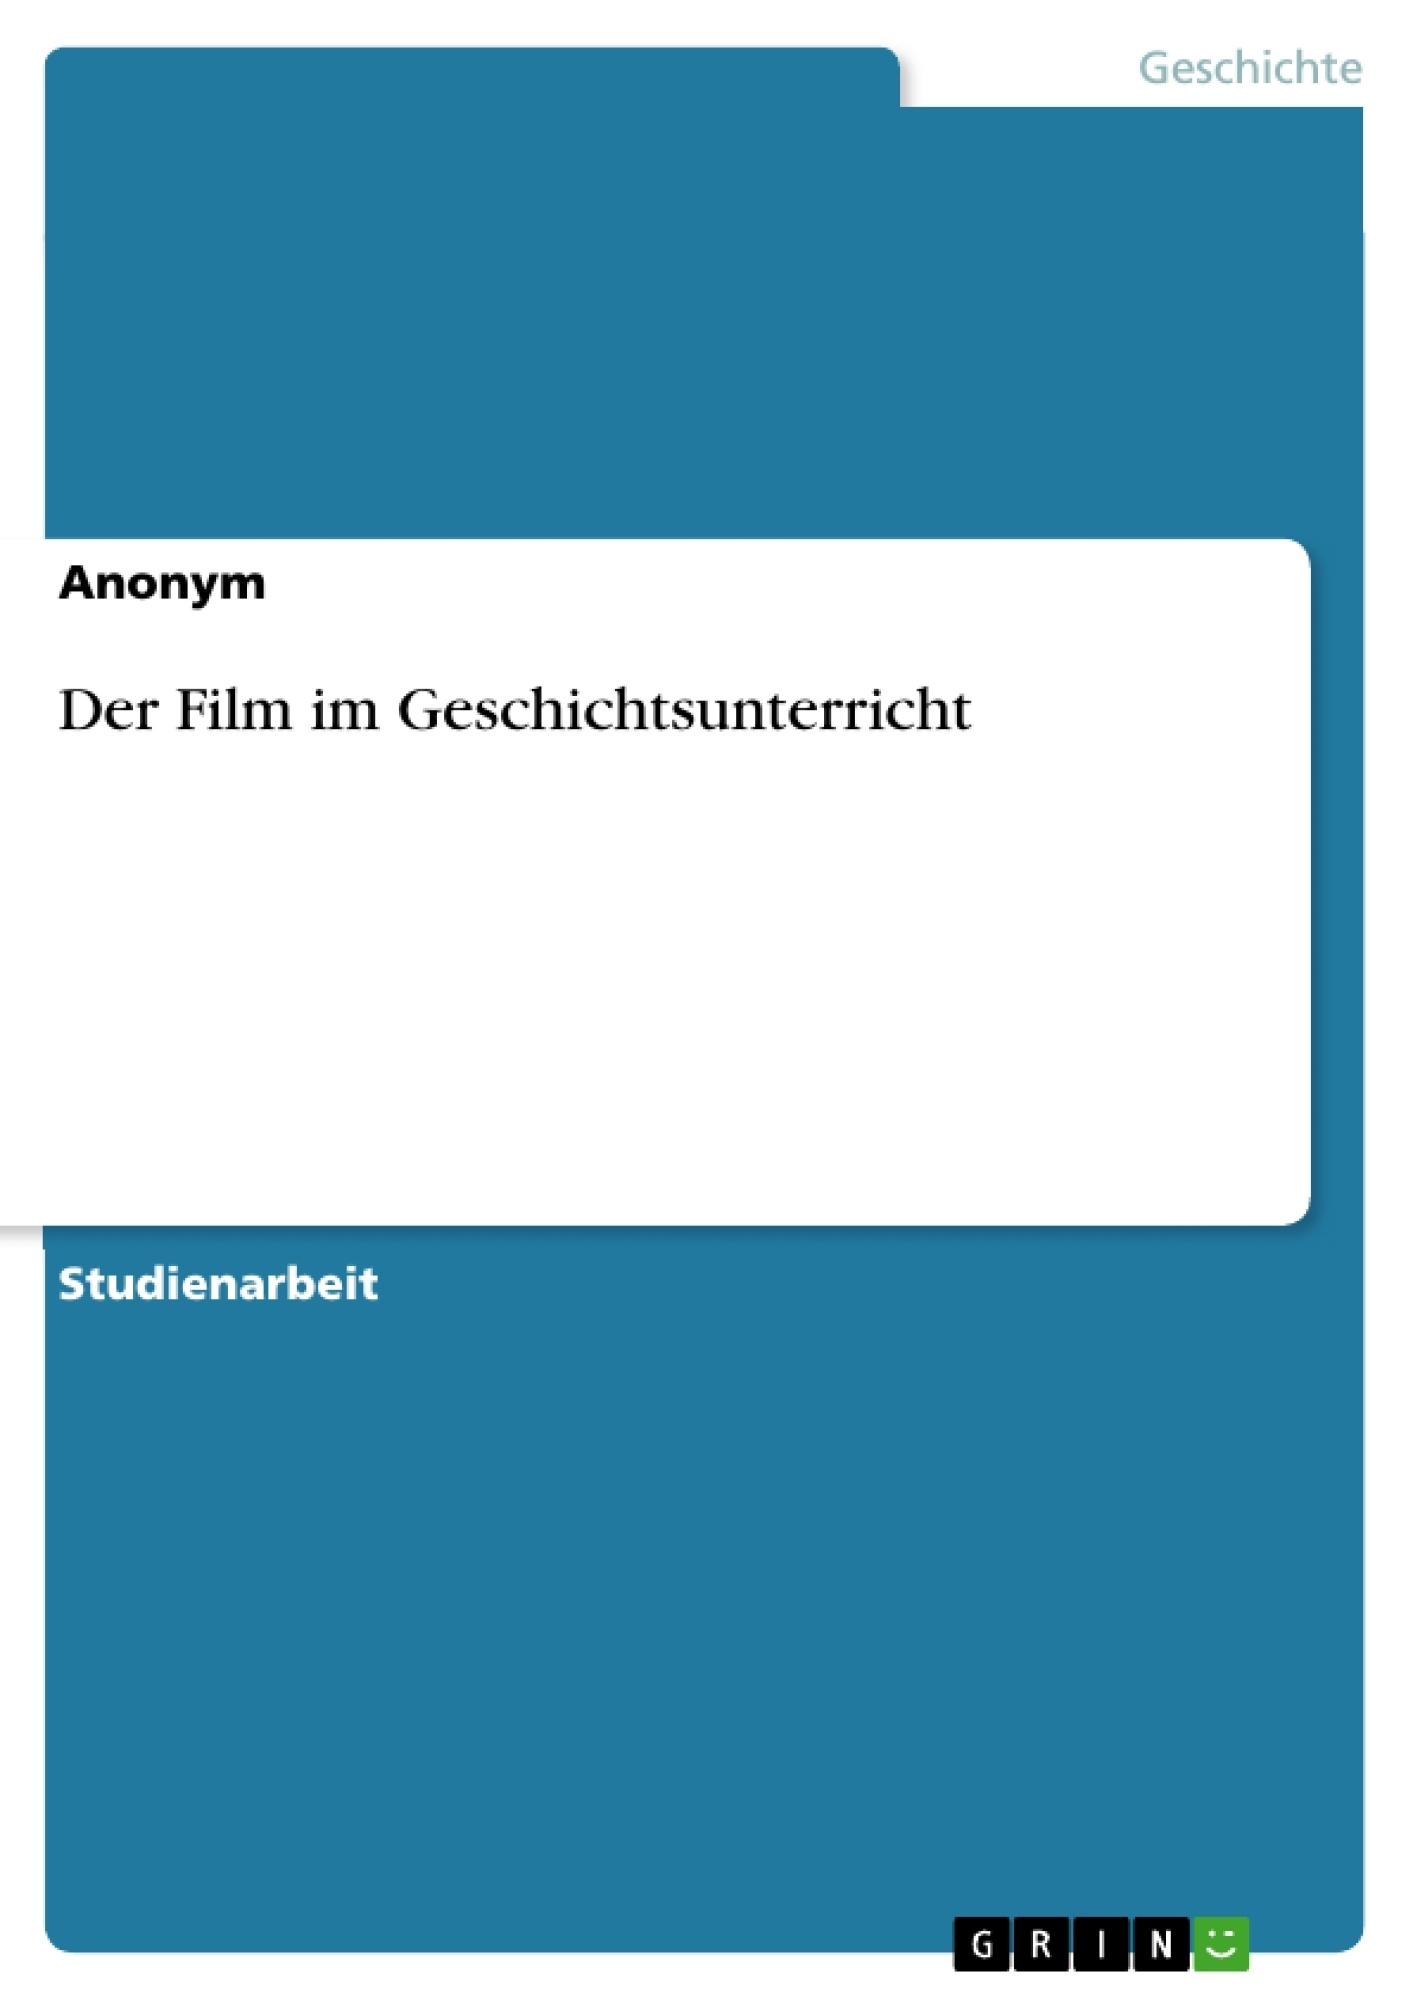 Titel: Der Film im Geschichtsunterricht